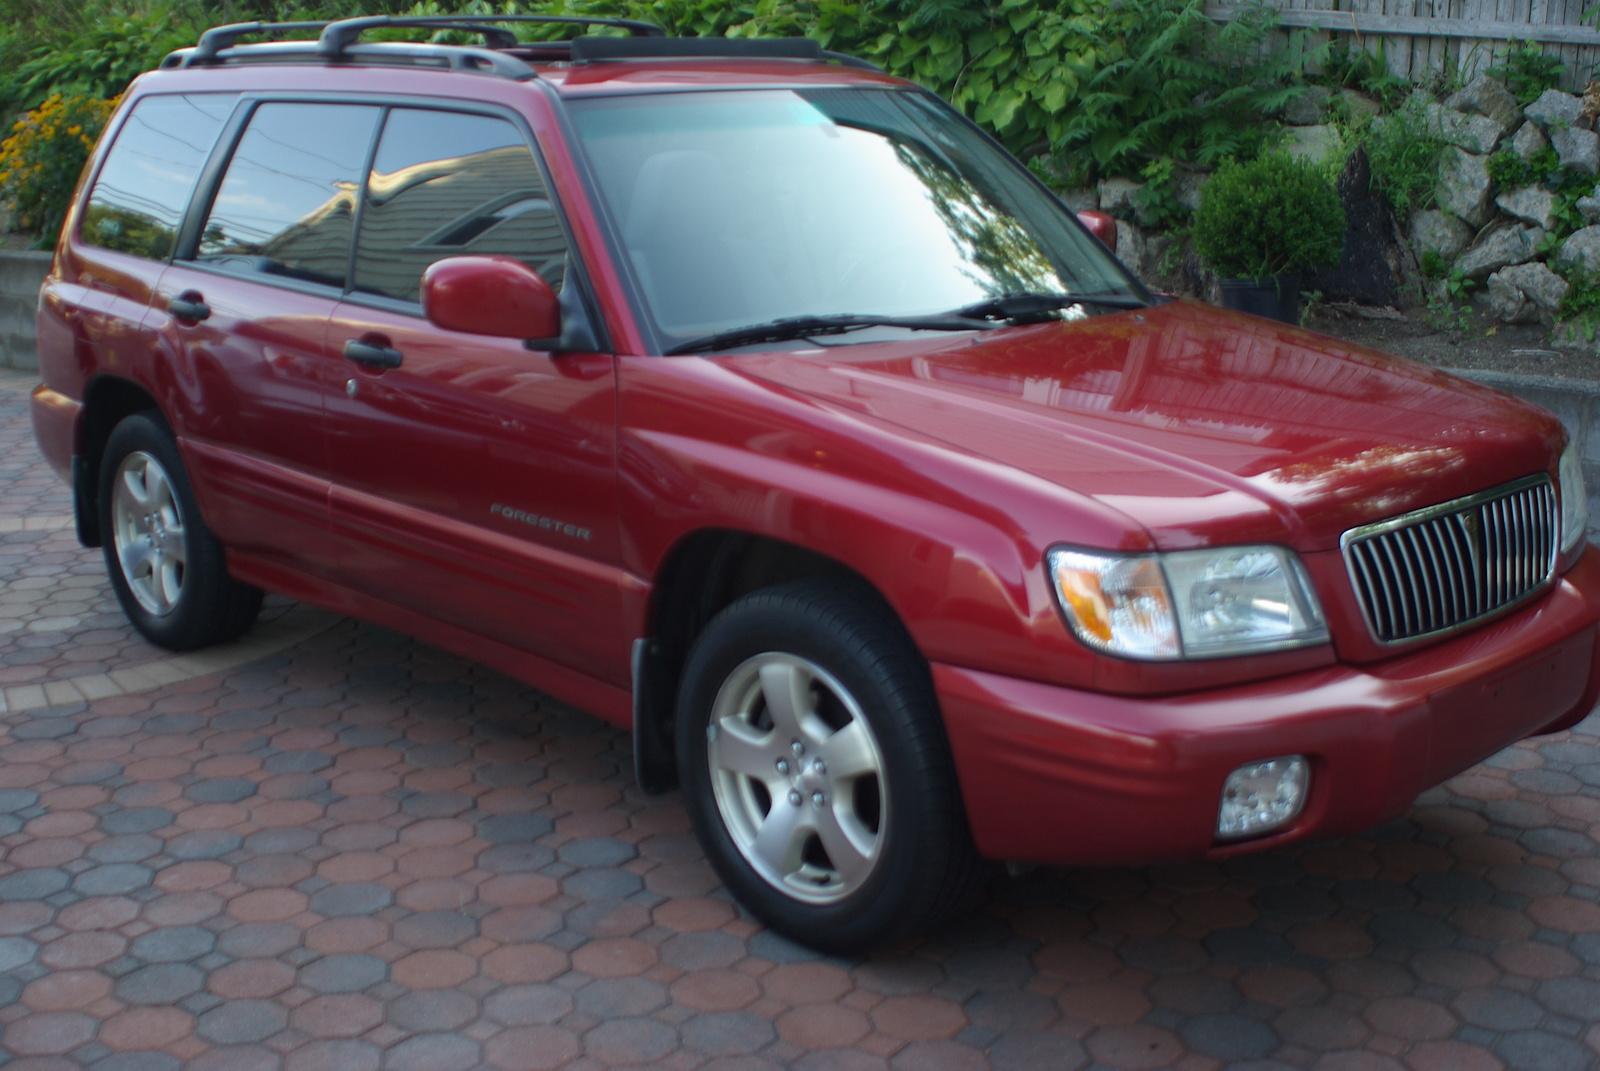 2002 Subaru Forester Pictures Cargurus